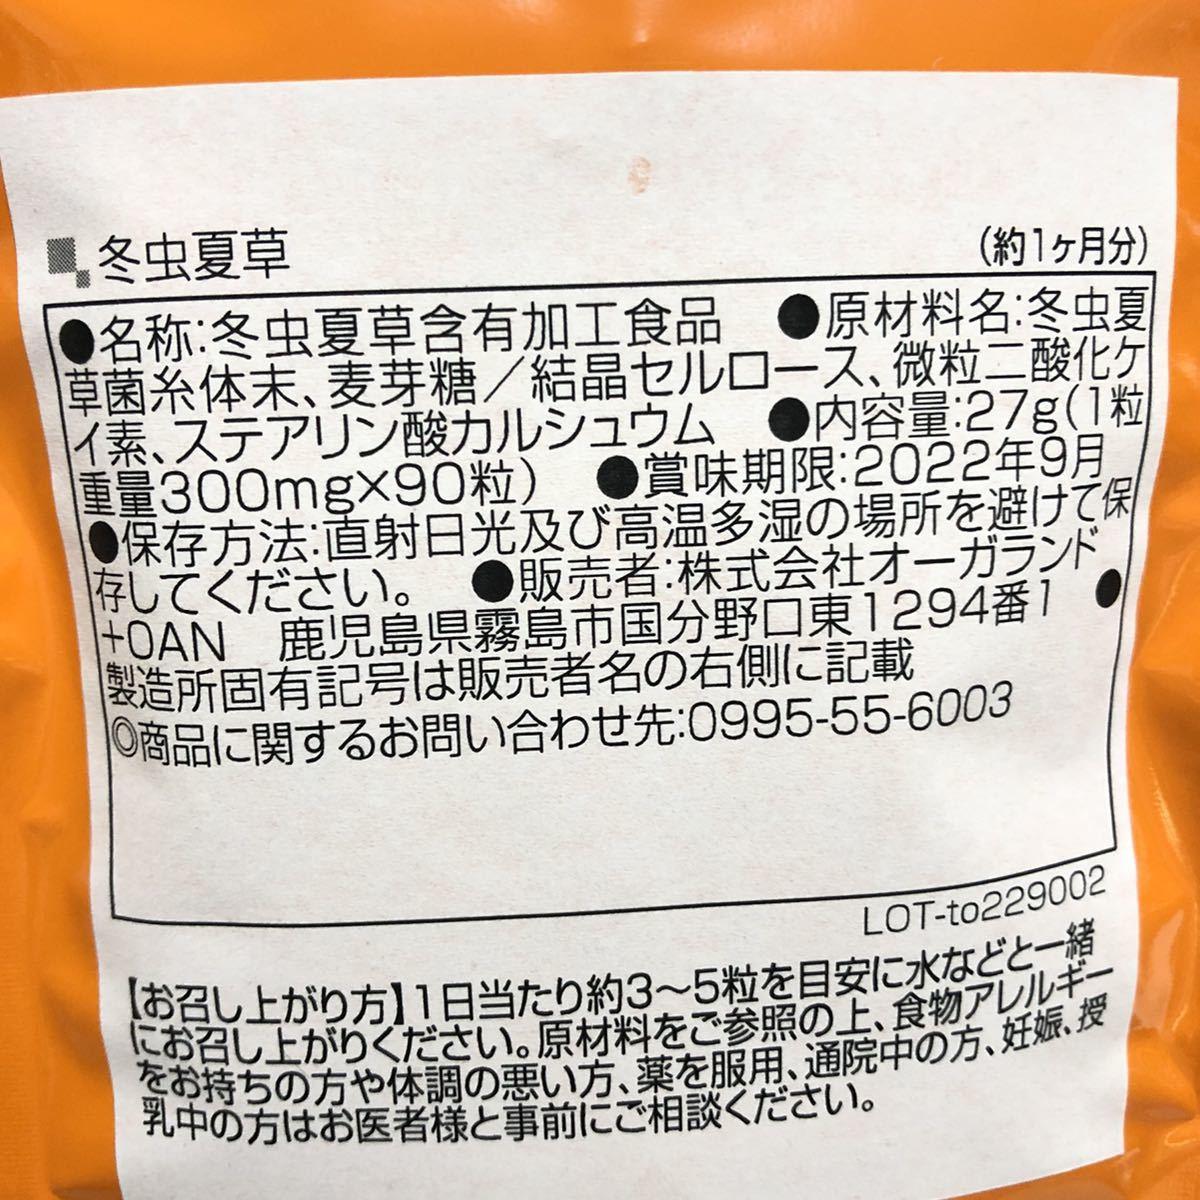 新品 冬虫花草 オーガランド 約1ヶ月 アミノ酸 ミネラル サプリメント キトサン 美容 健康 サプリ ビタミン クーポン ポイント_画像3